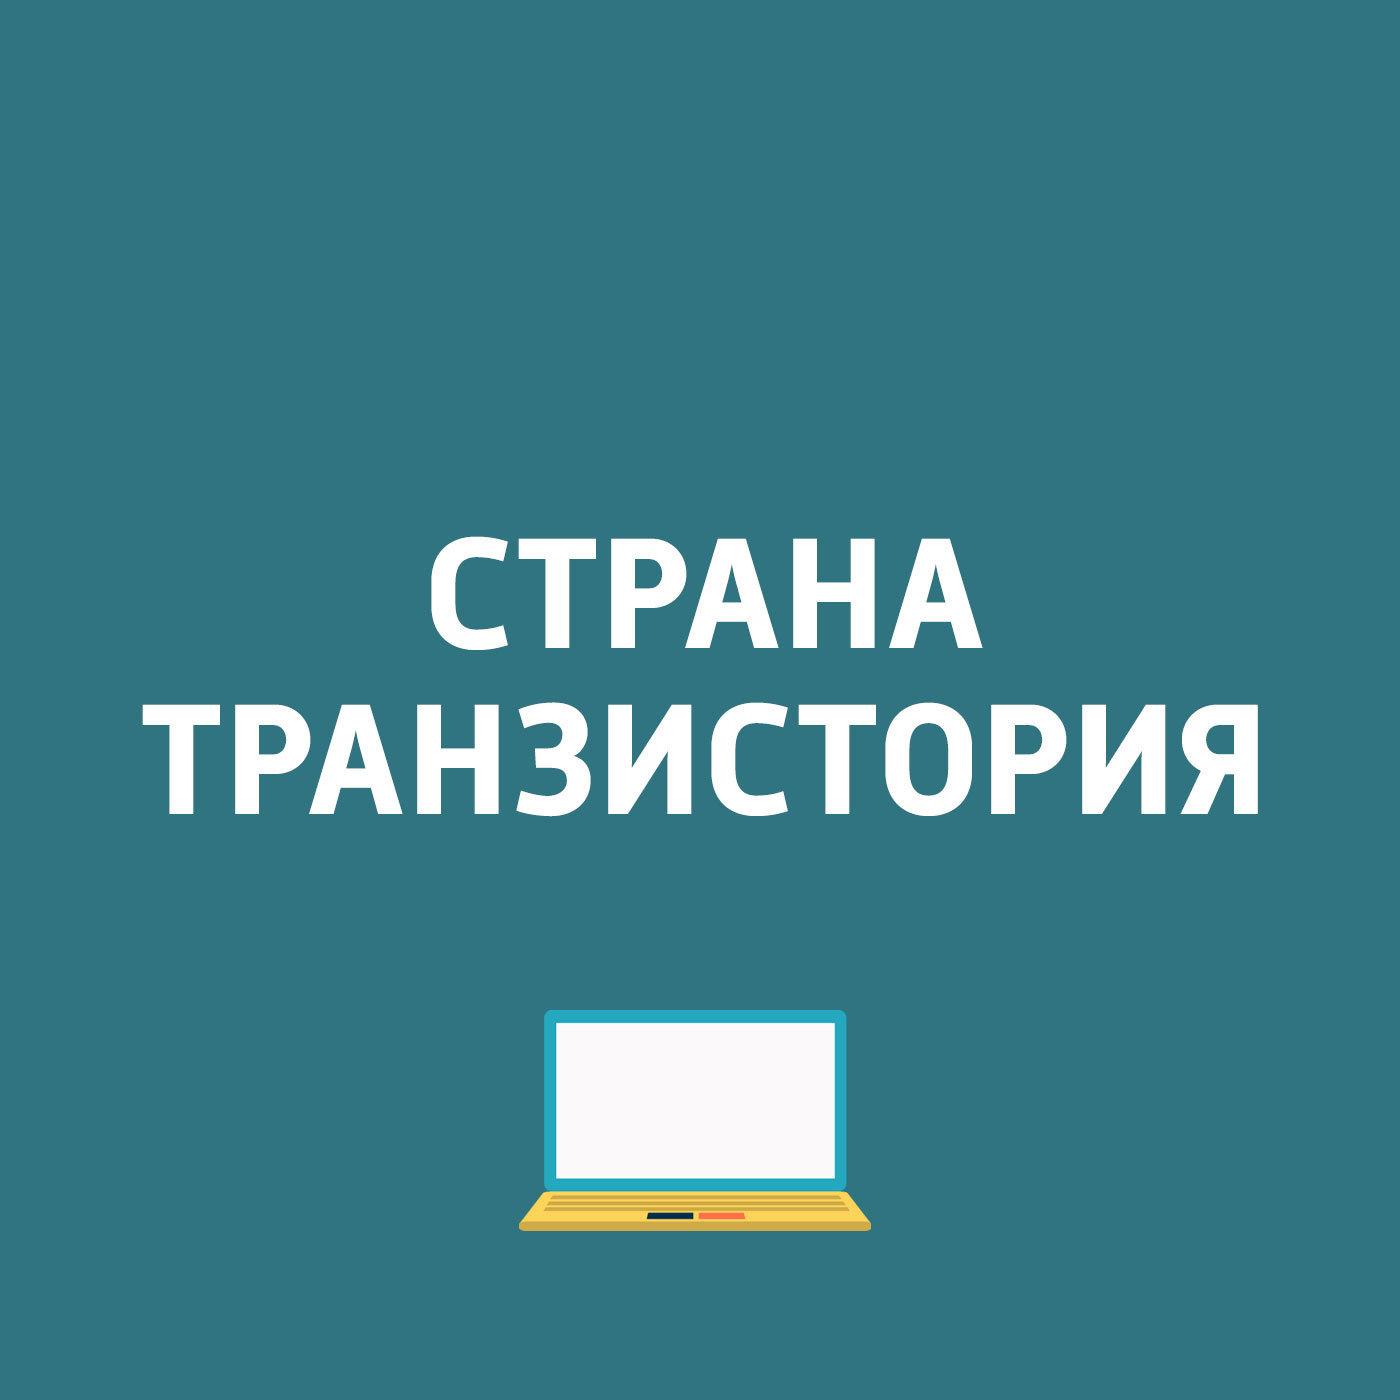 Картаев Павел В конце сентября в Москве продет очередной Игромир и Comic Con Russia картаев павел lg signature завершились игромир и комикон